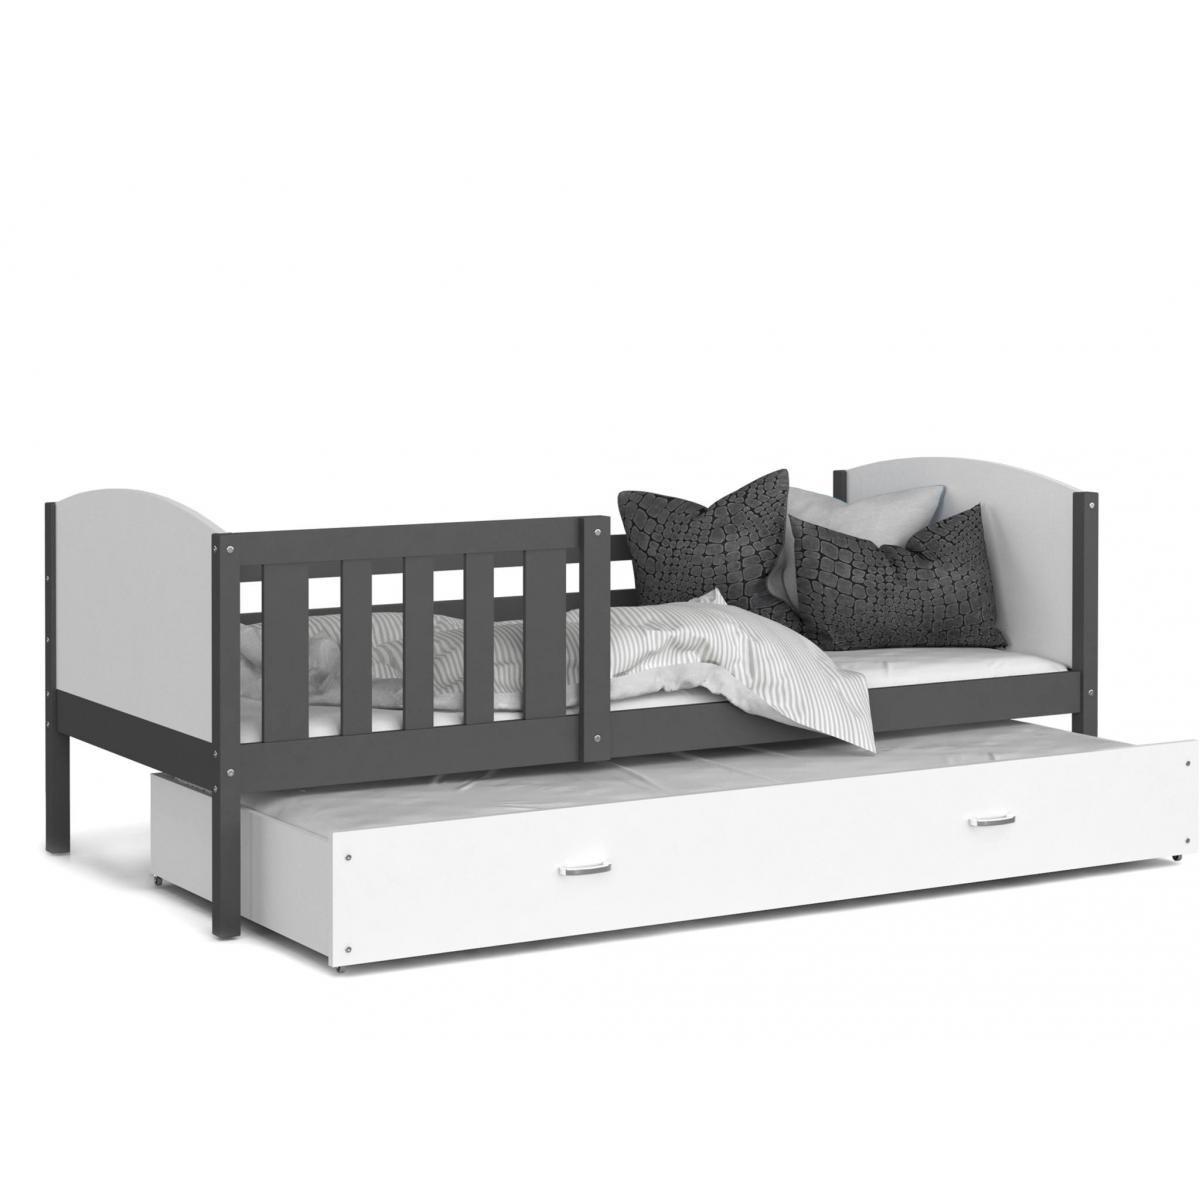 Kids Literie LIT Gigogne Tomy 90x190 Gris - Blanc livré avec sommier, tiroir et matelas de 7cm OFFERT.